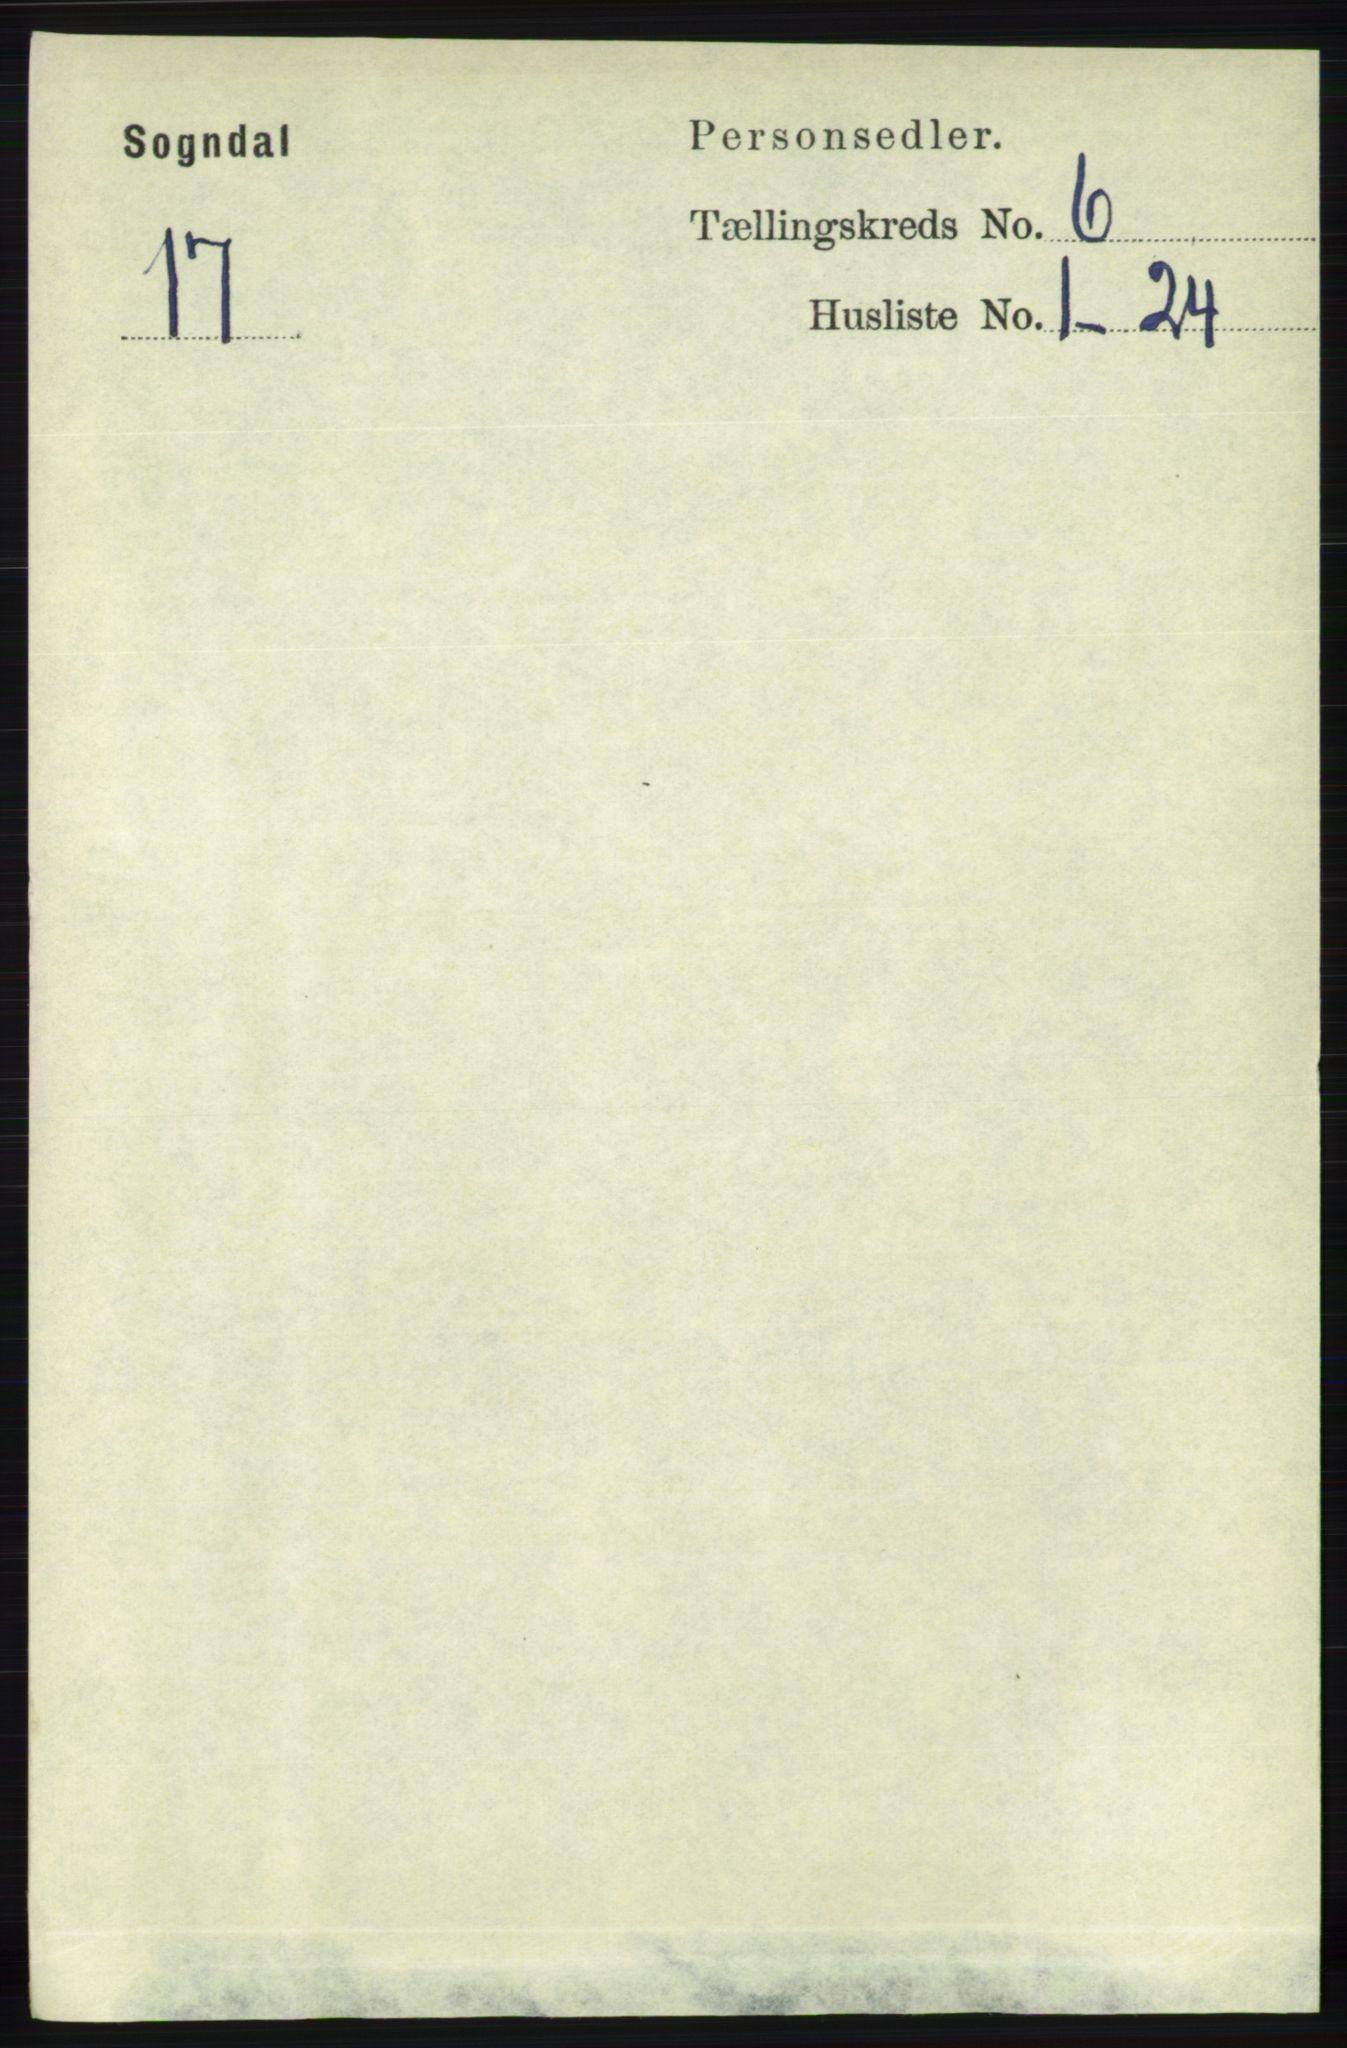 RA, Folketelling 1891 for 1111 Sokndal herred, 1891, s. 1641